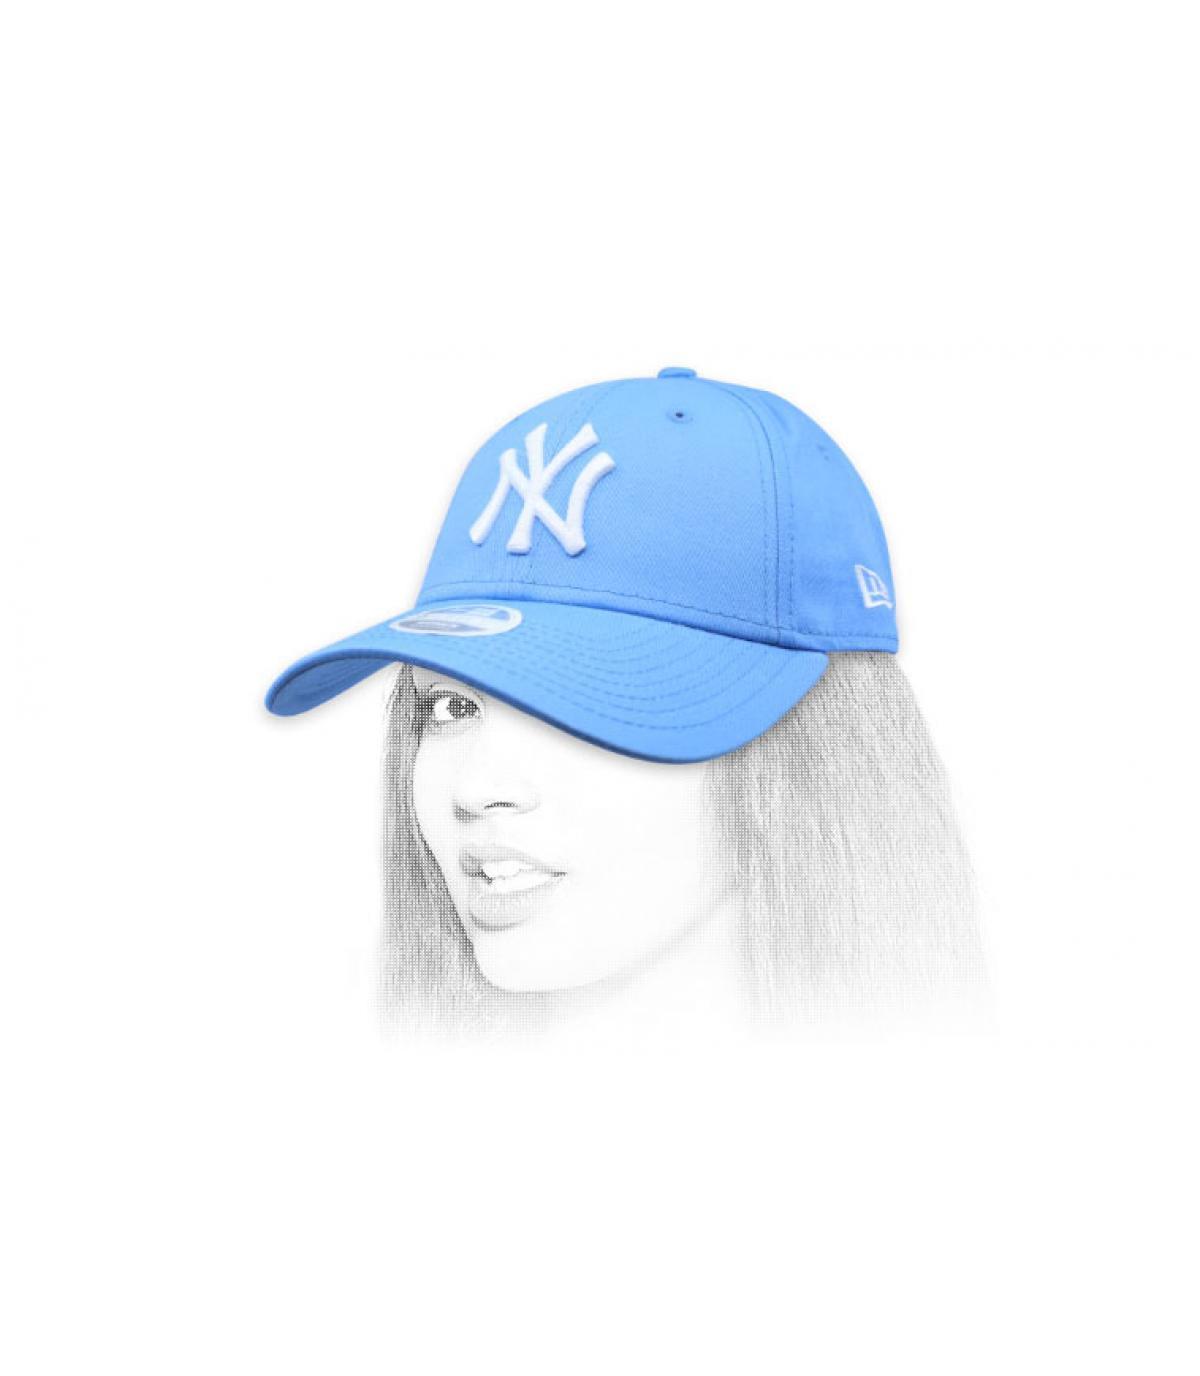 berretto donna NY blu